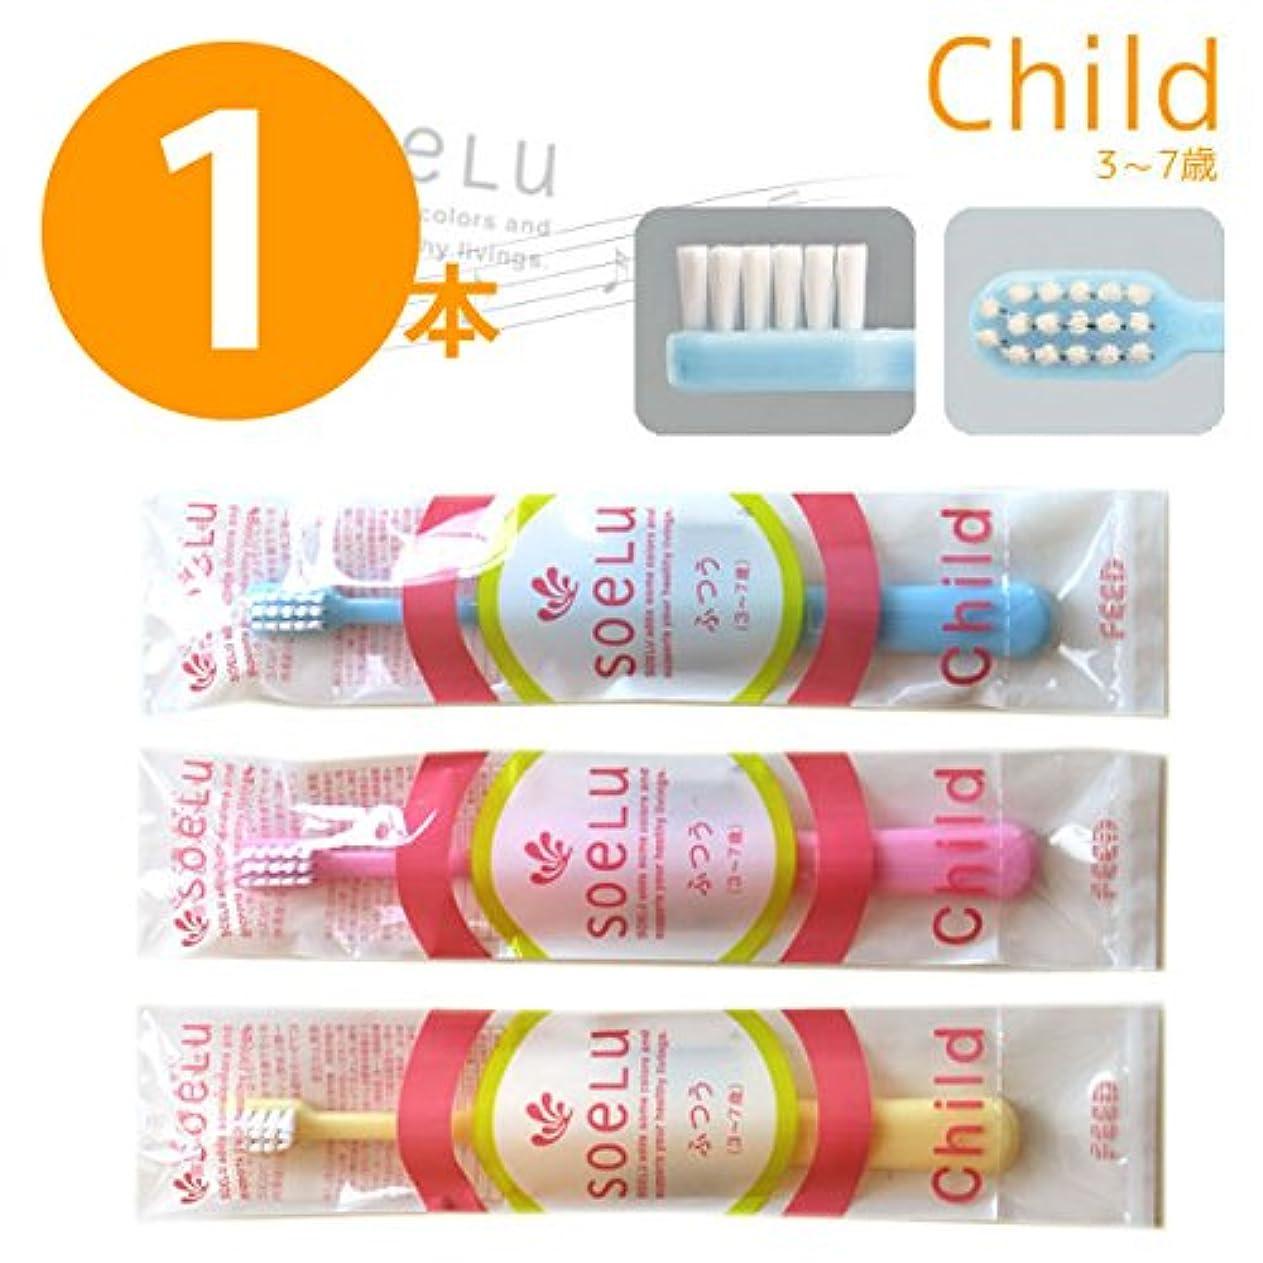 に負けるいくつかの警戒soelu(ソエル) 歯ブラシ チャイルド こども用 3~7歳用 (ふつう, イエロー)